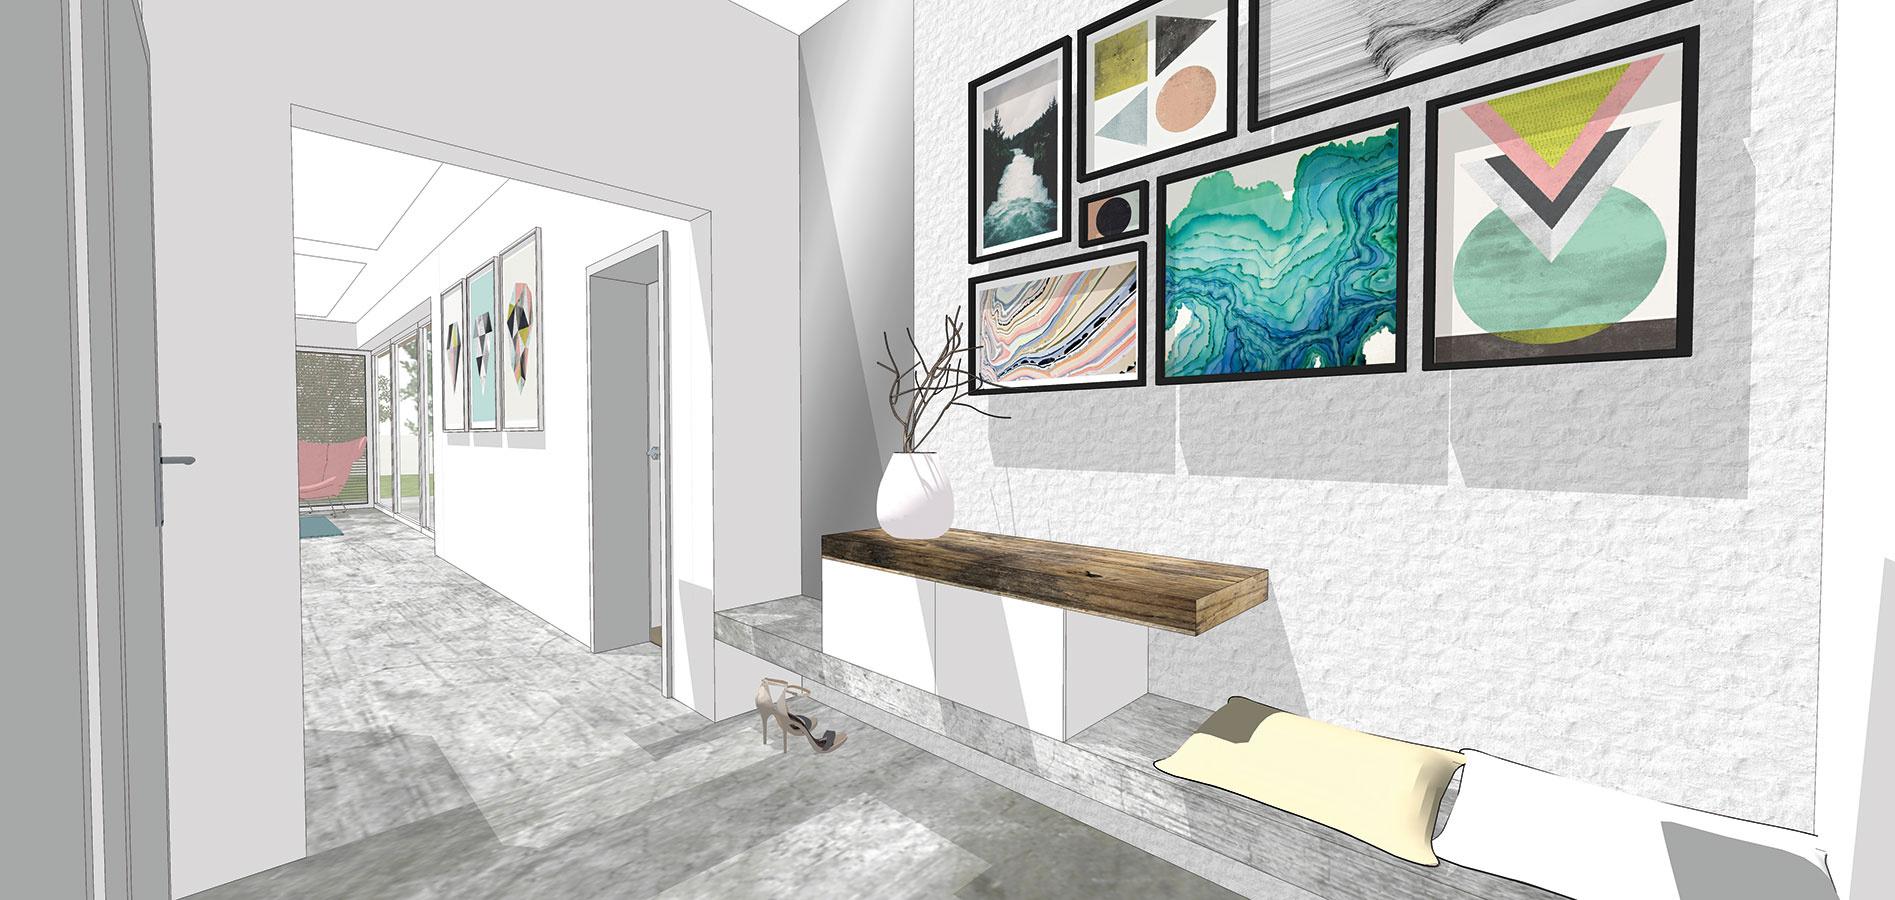 Na mieru vyrobený nábytok je vhodnou voľbou najmä do malých predsiení aoceníte ho aj vprípade, ak ponuka kamenných predajní ae-shopov nenapĺňa vašu predstavu. Jednoduchá drevená doska zabudovaná do steny poslúži na odkladanie aj sedenie. Môžete na ňu osadiť menšie skrinky spredĺženým pultom (študentská práca).